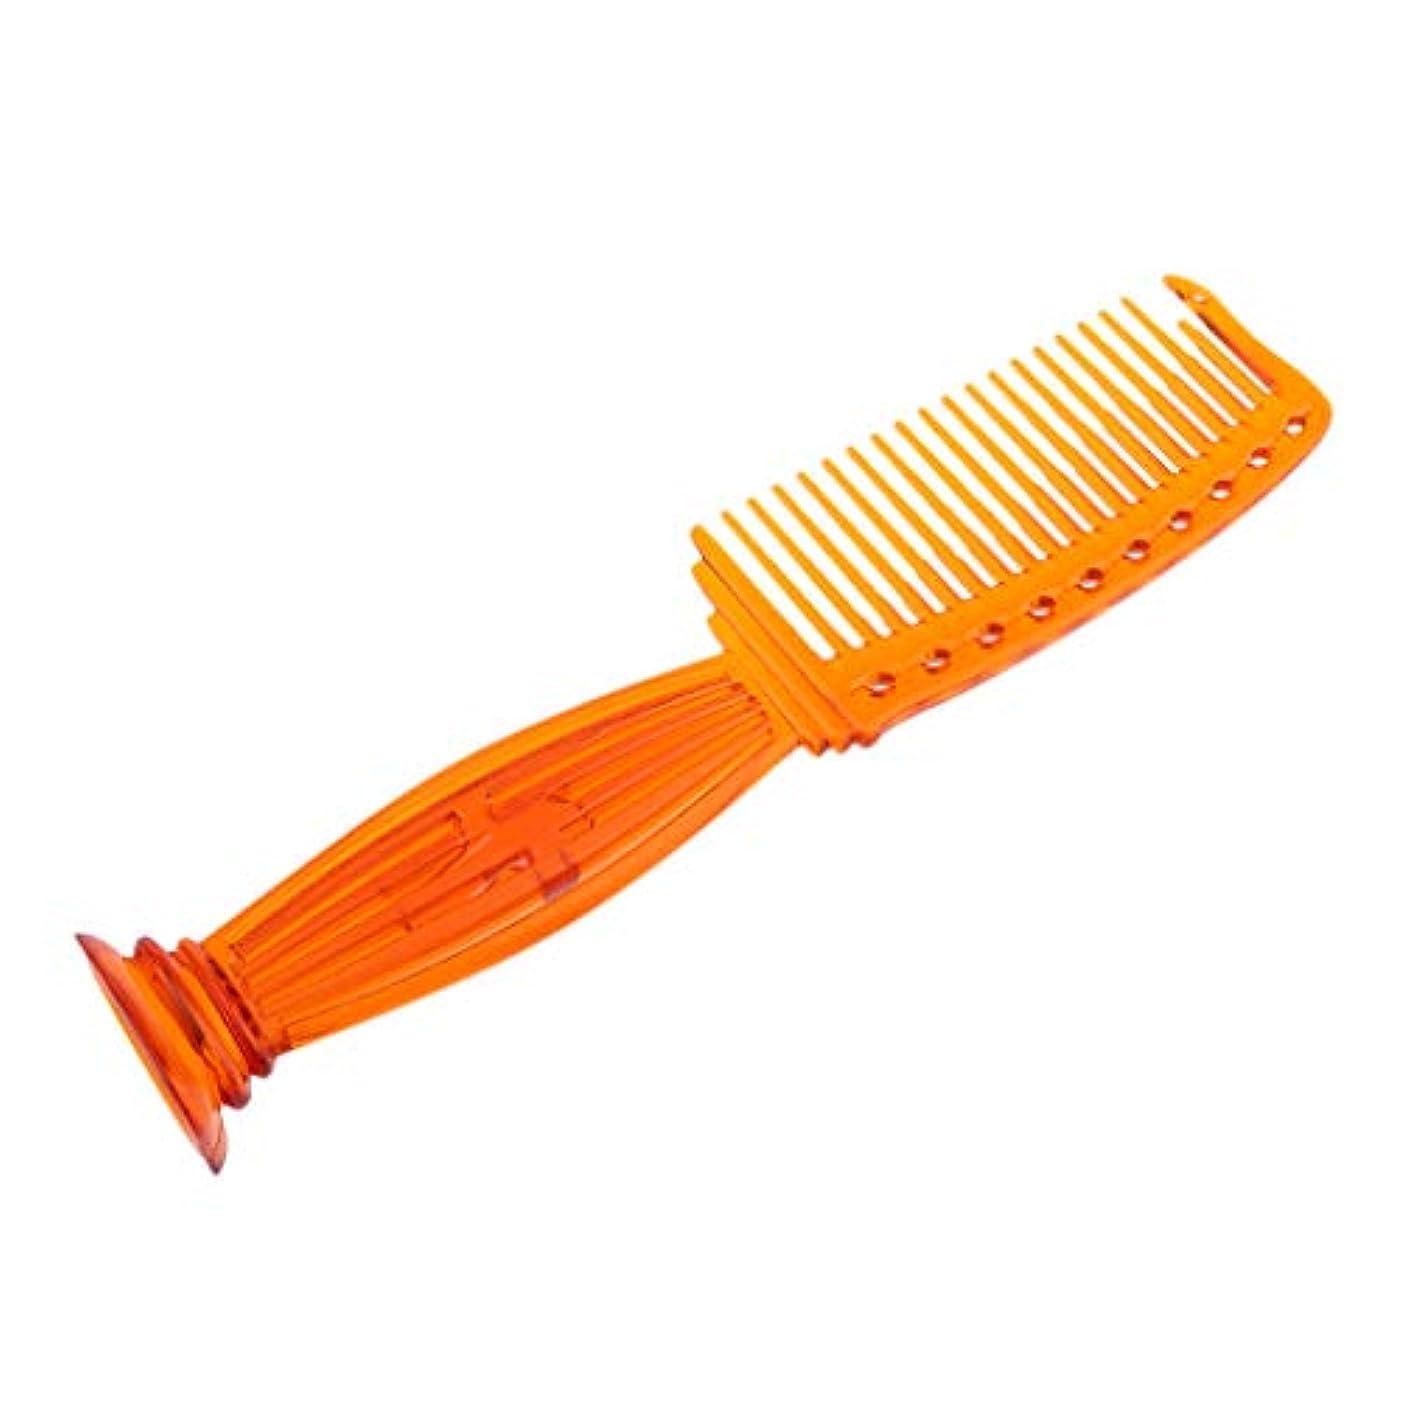 単調な頭航空ヘアコーム ヘアブラシ プラスチック櫛 ワイド歯 プロ ヘアサロン 理髪師 全5色選べ - オレンジ